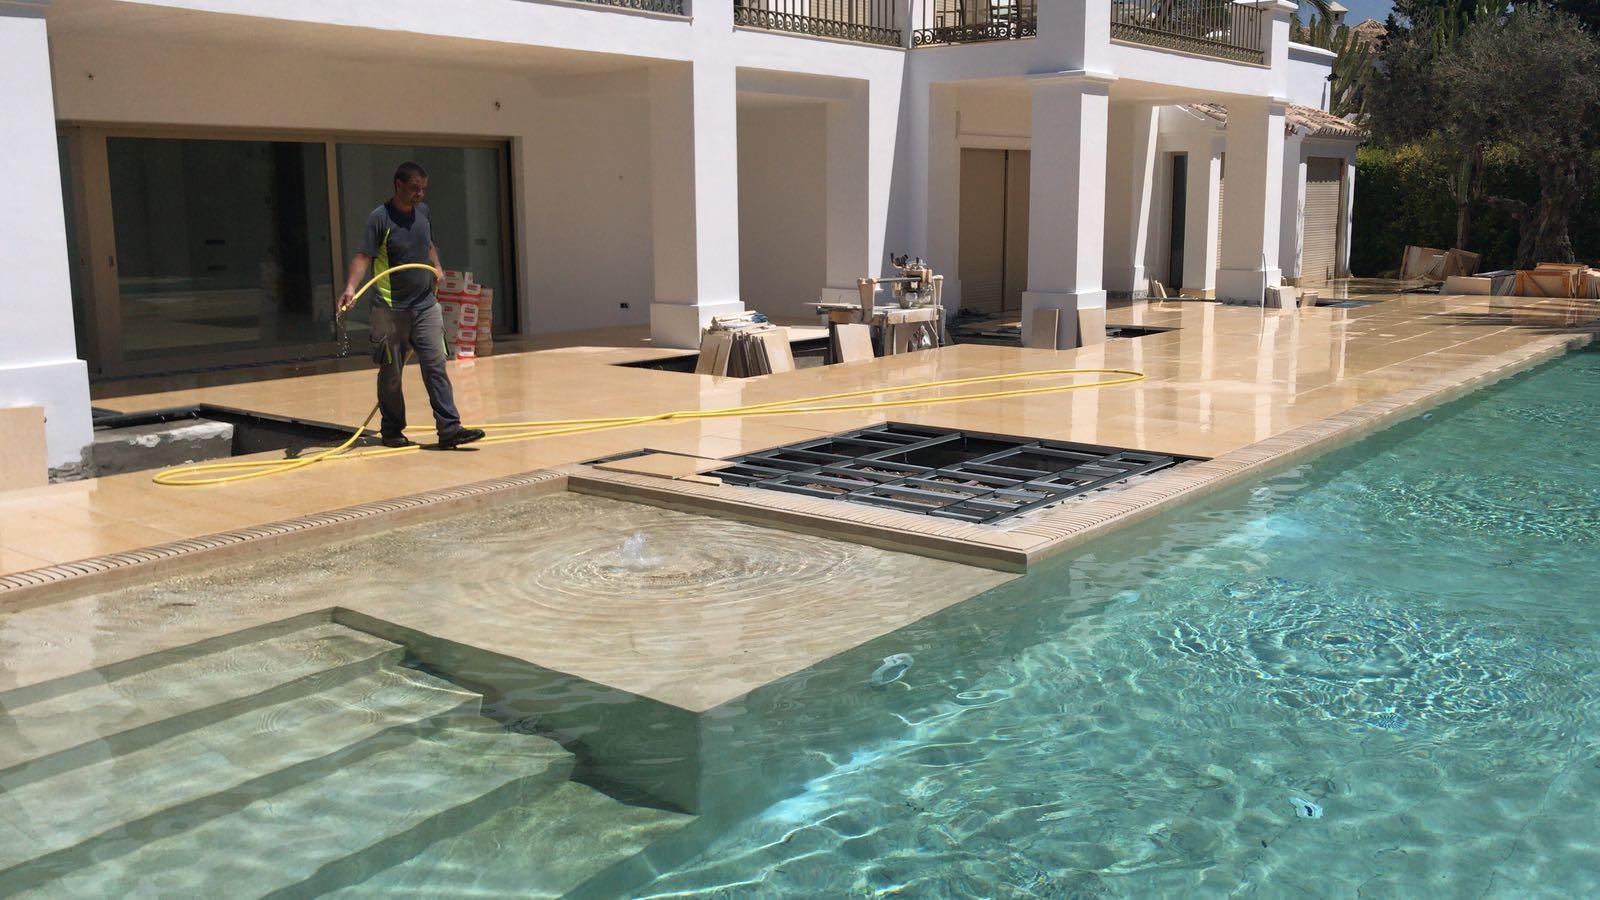 Instalaci n de suelo t cnico alrededor de la piscina - Suelos tecnicos precios ...